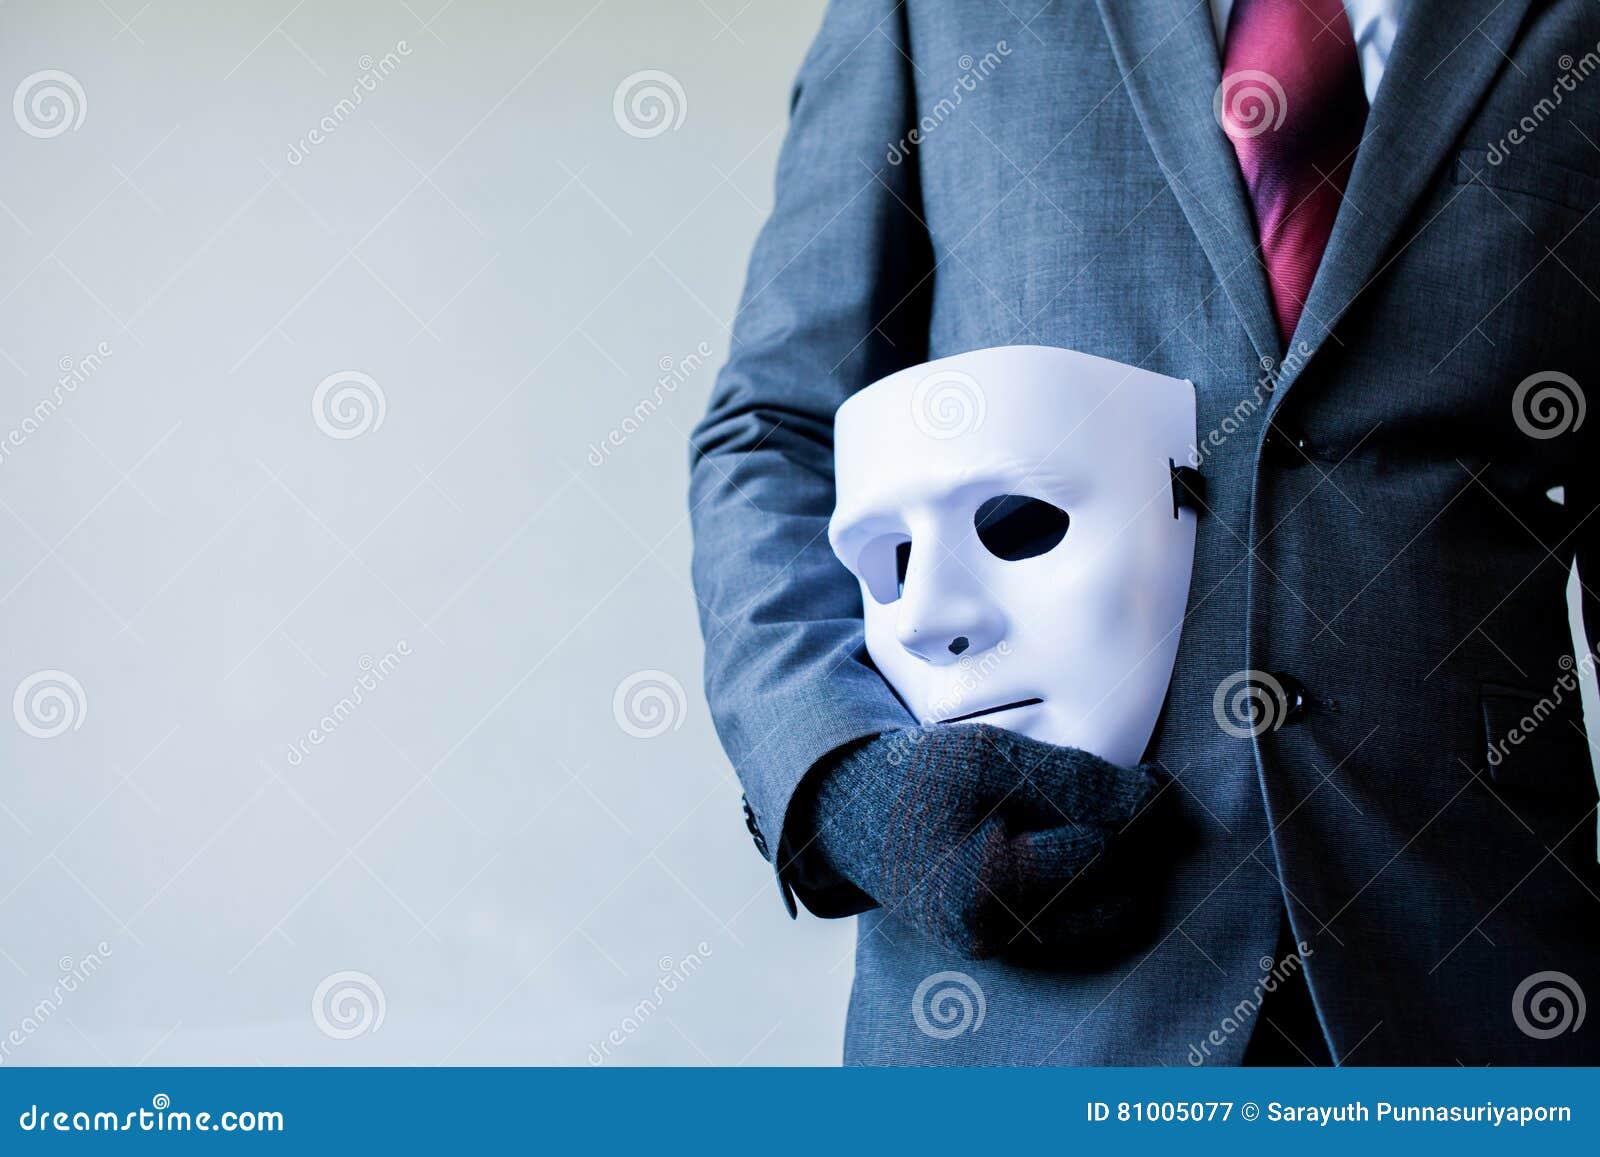 Επιχειρησιακό άτομο που φέρνει την άσπρη μάσκα στο σώμα του που δείχνει την επιχειρησιακή απάτη και που επινοεί την επιχειρησιακή